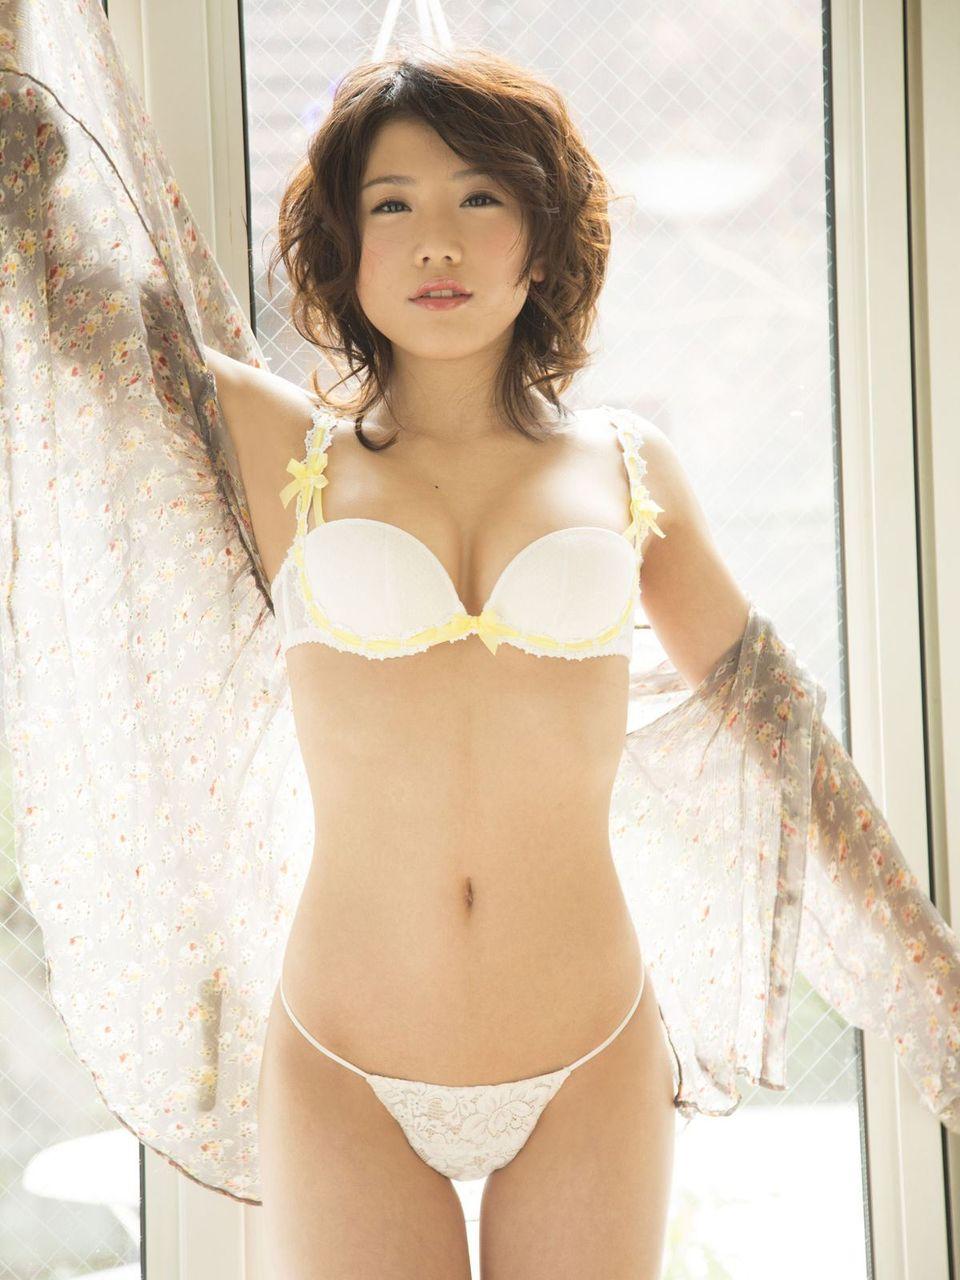 元アイドル・千明芸夢のEカップ水着グラビアがエロい!画像まとめ(40枚)その2